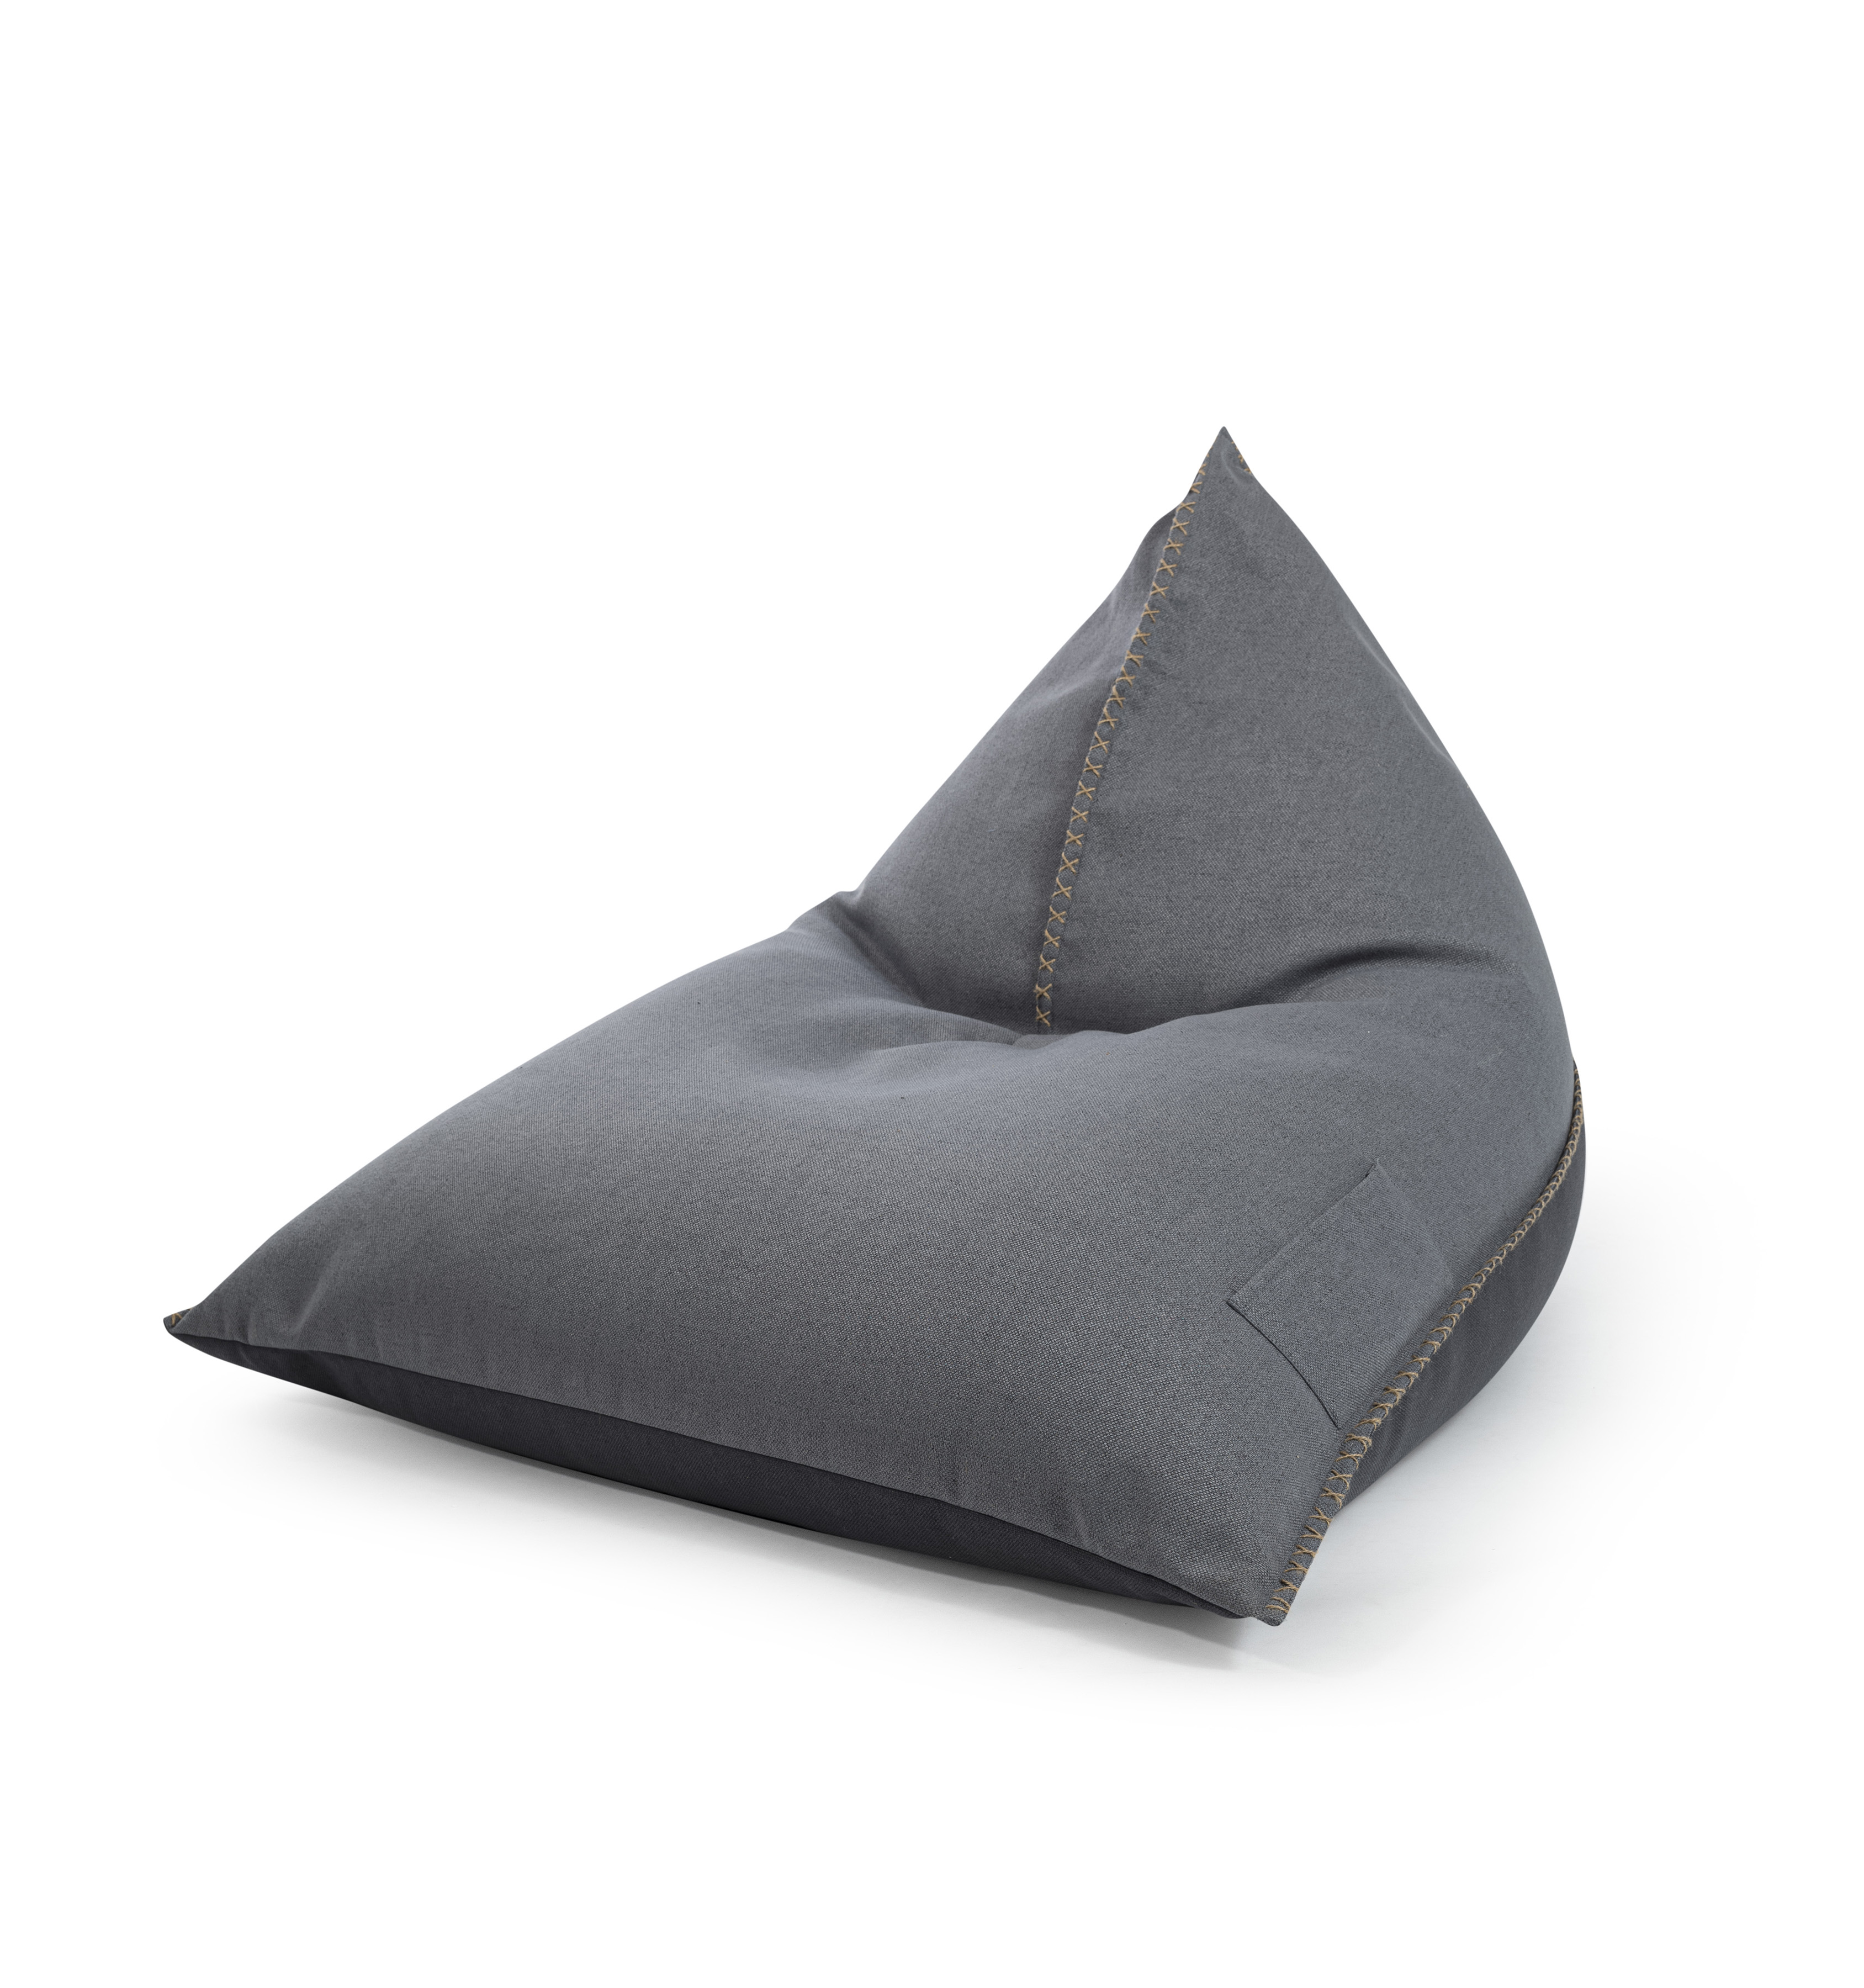 Pouf confort bicolore aspect jean surpiqures et poignée 110x115x90